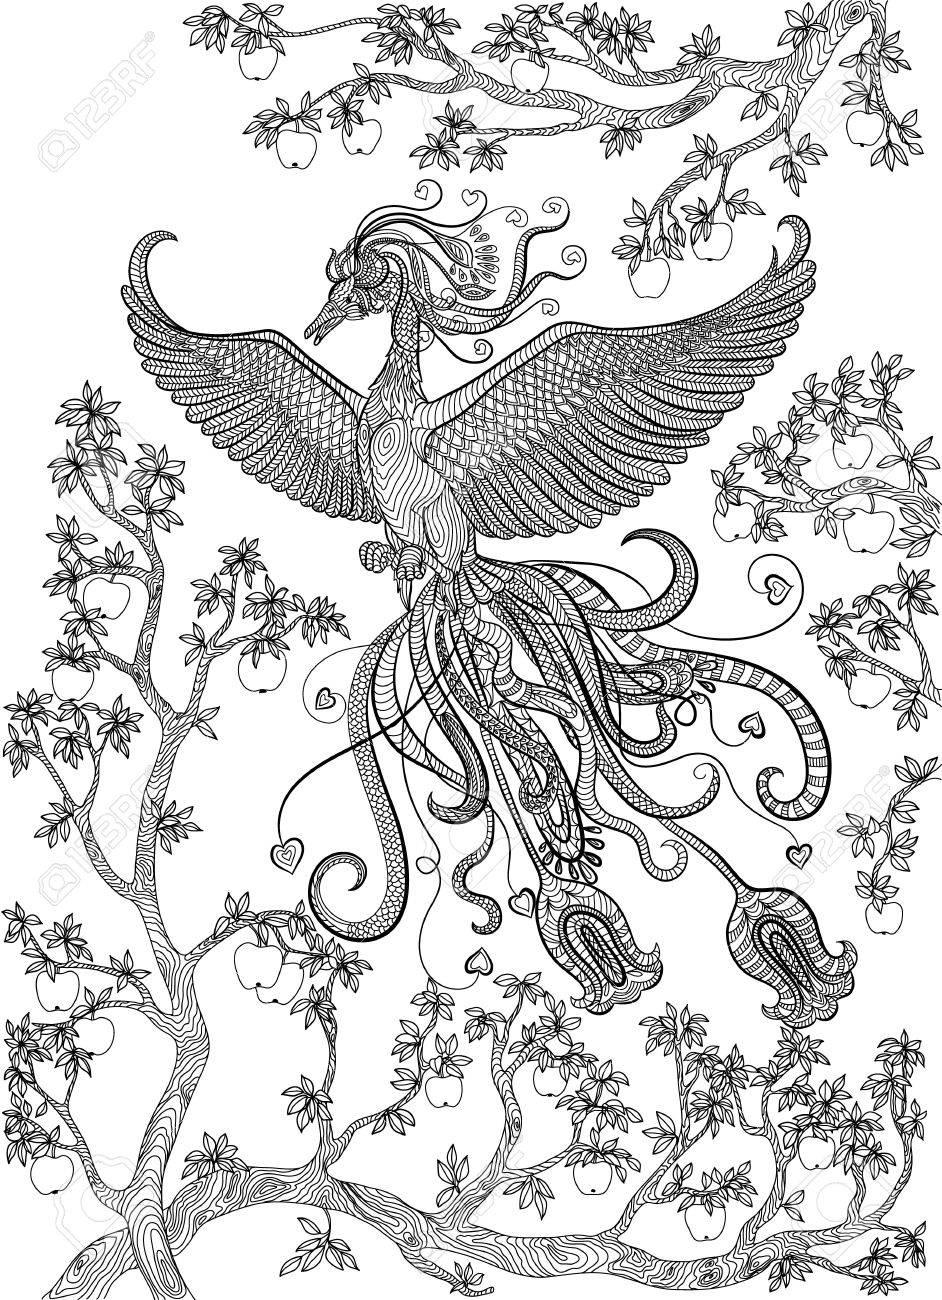 Dibujado A Mano Pájaro - Pájaro De Fuego En Una Rama De árbol De ...